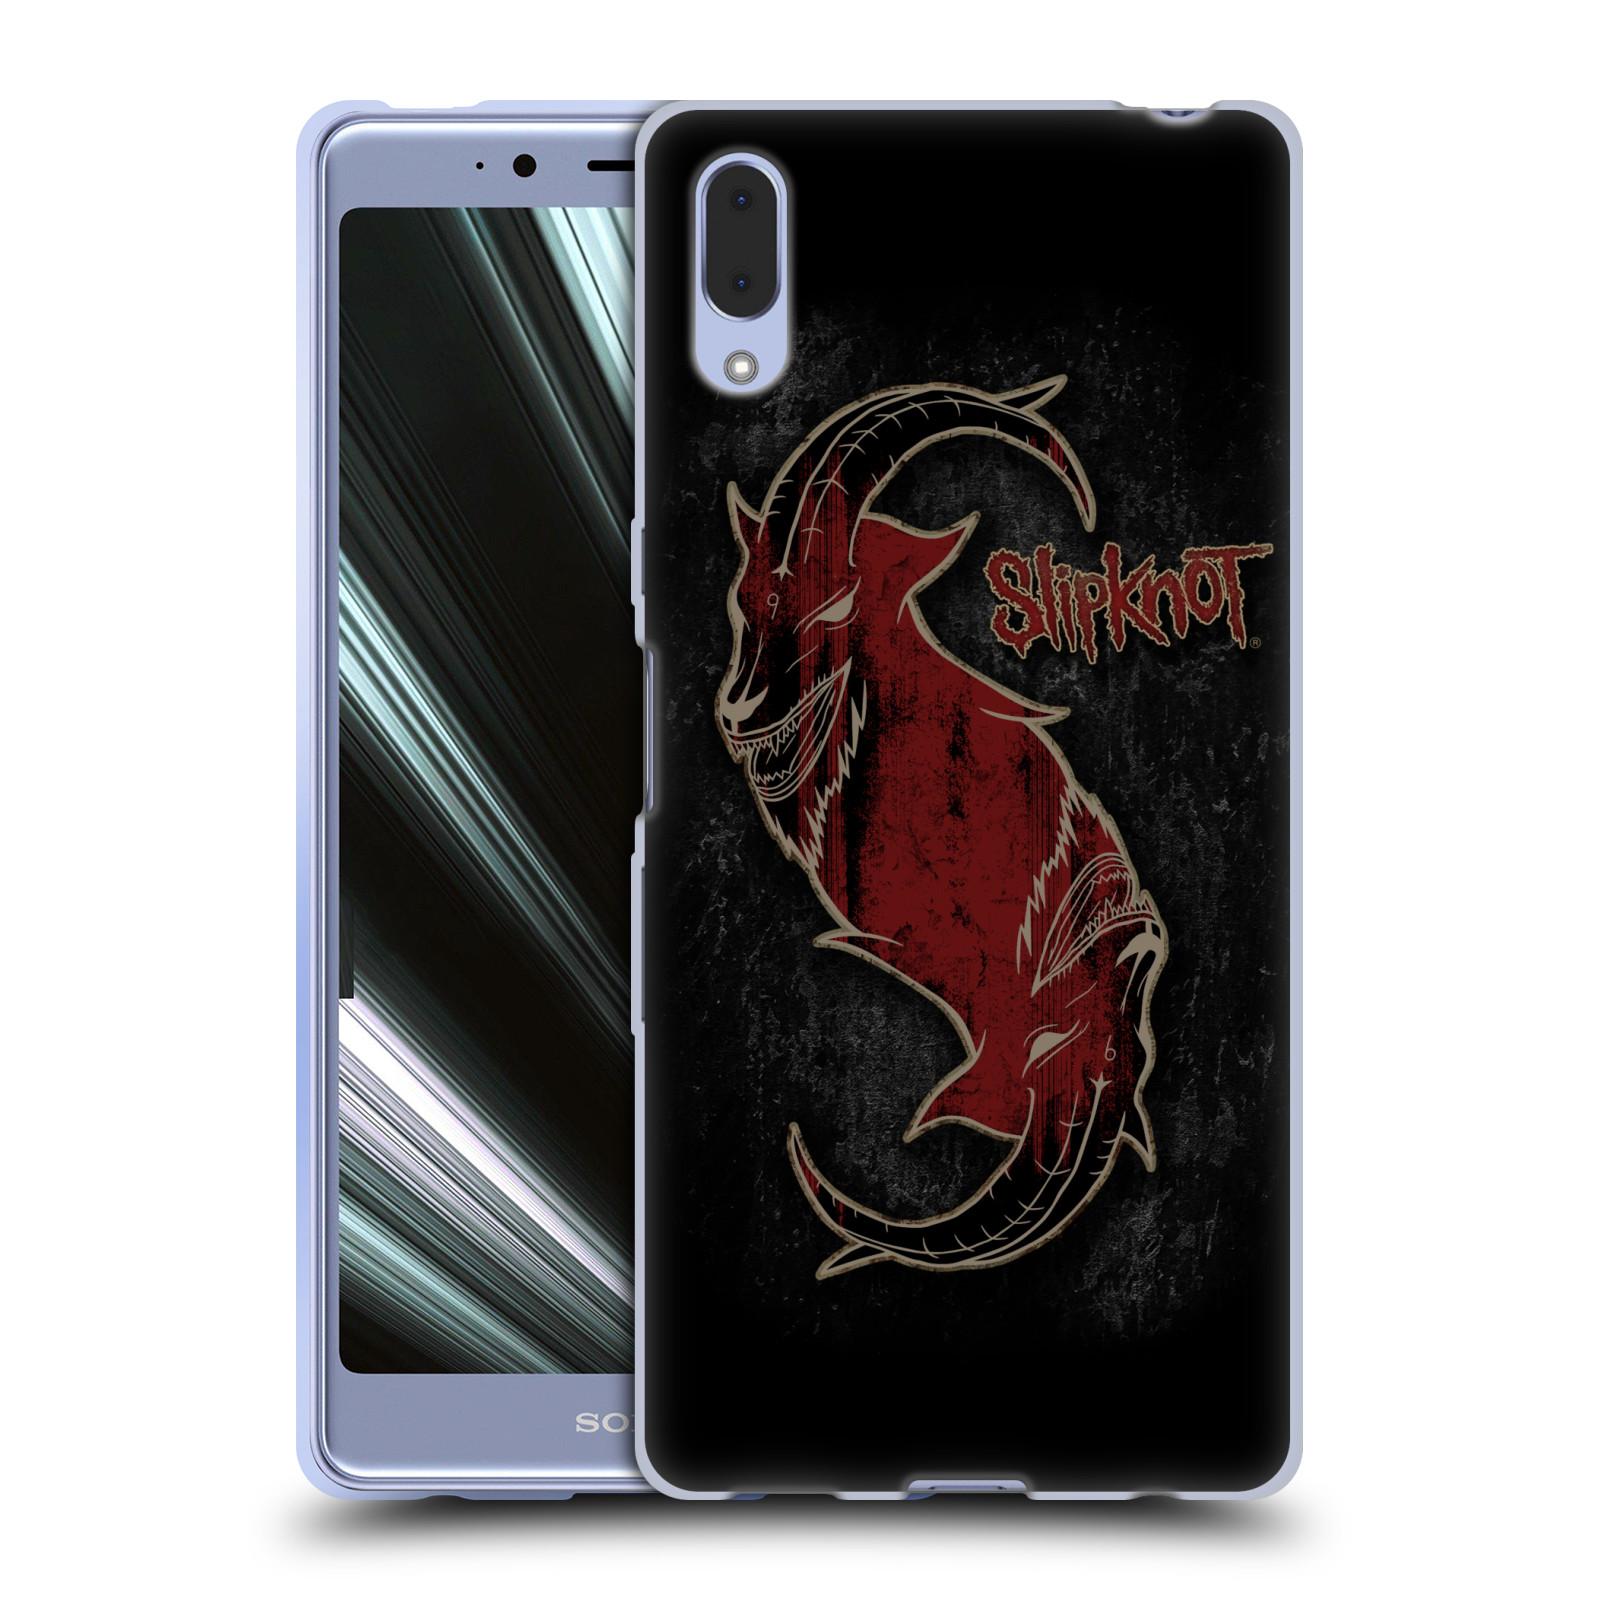 Silikonové pouzdro na mobil Sony Xperia L3 - Head Case - Slipknot - Rudý kozel